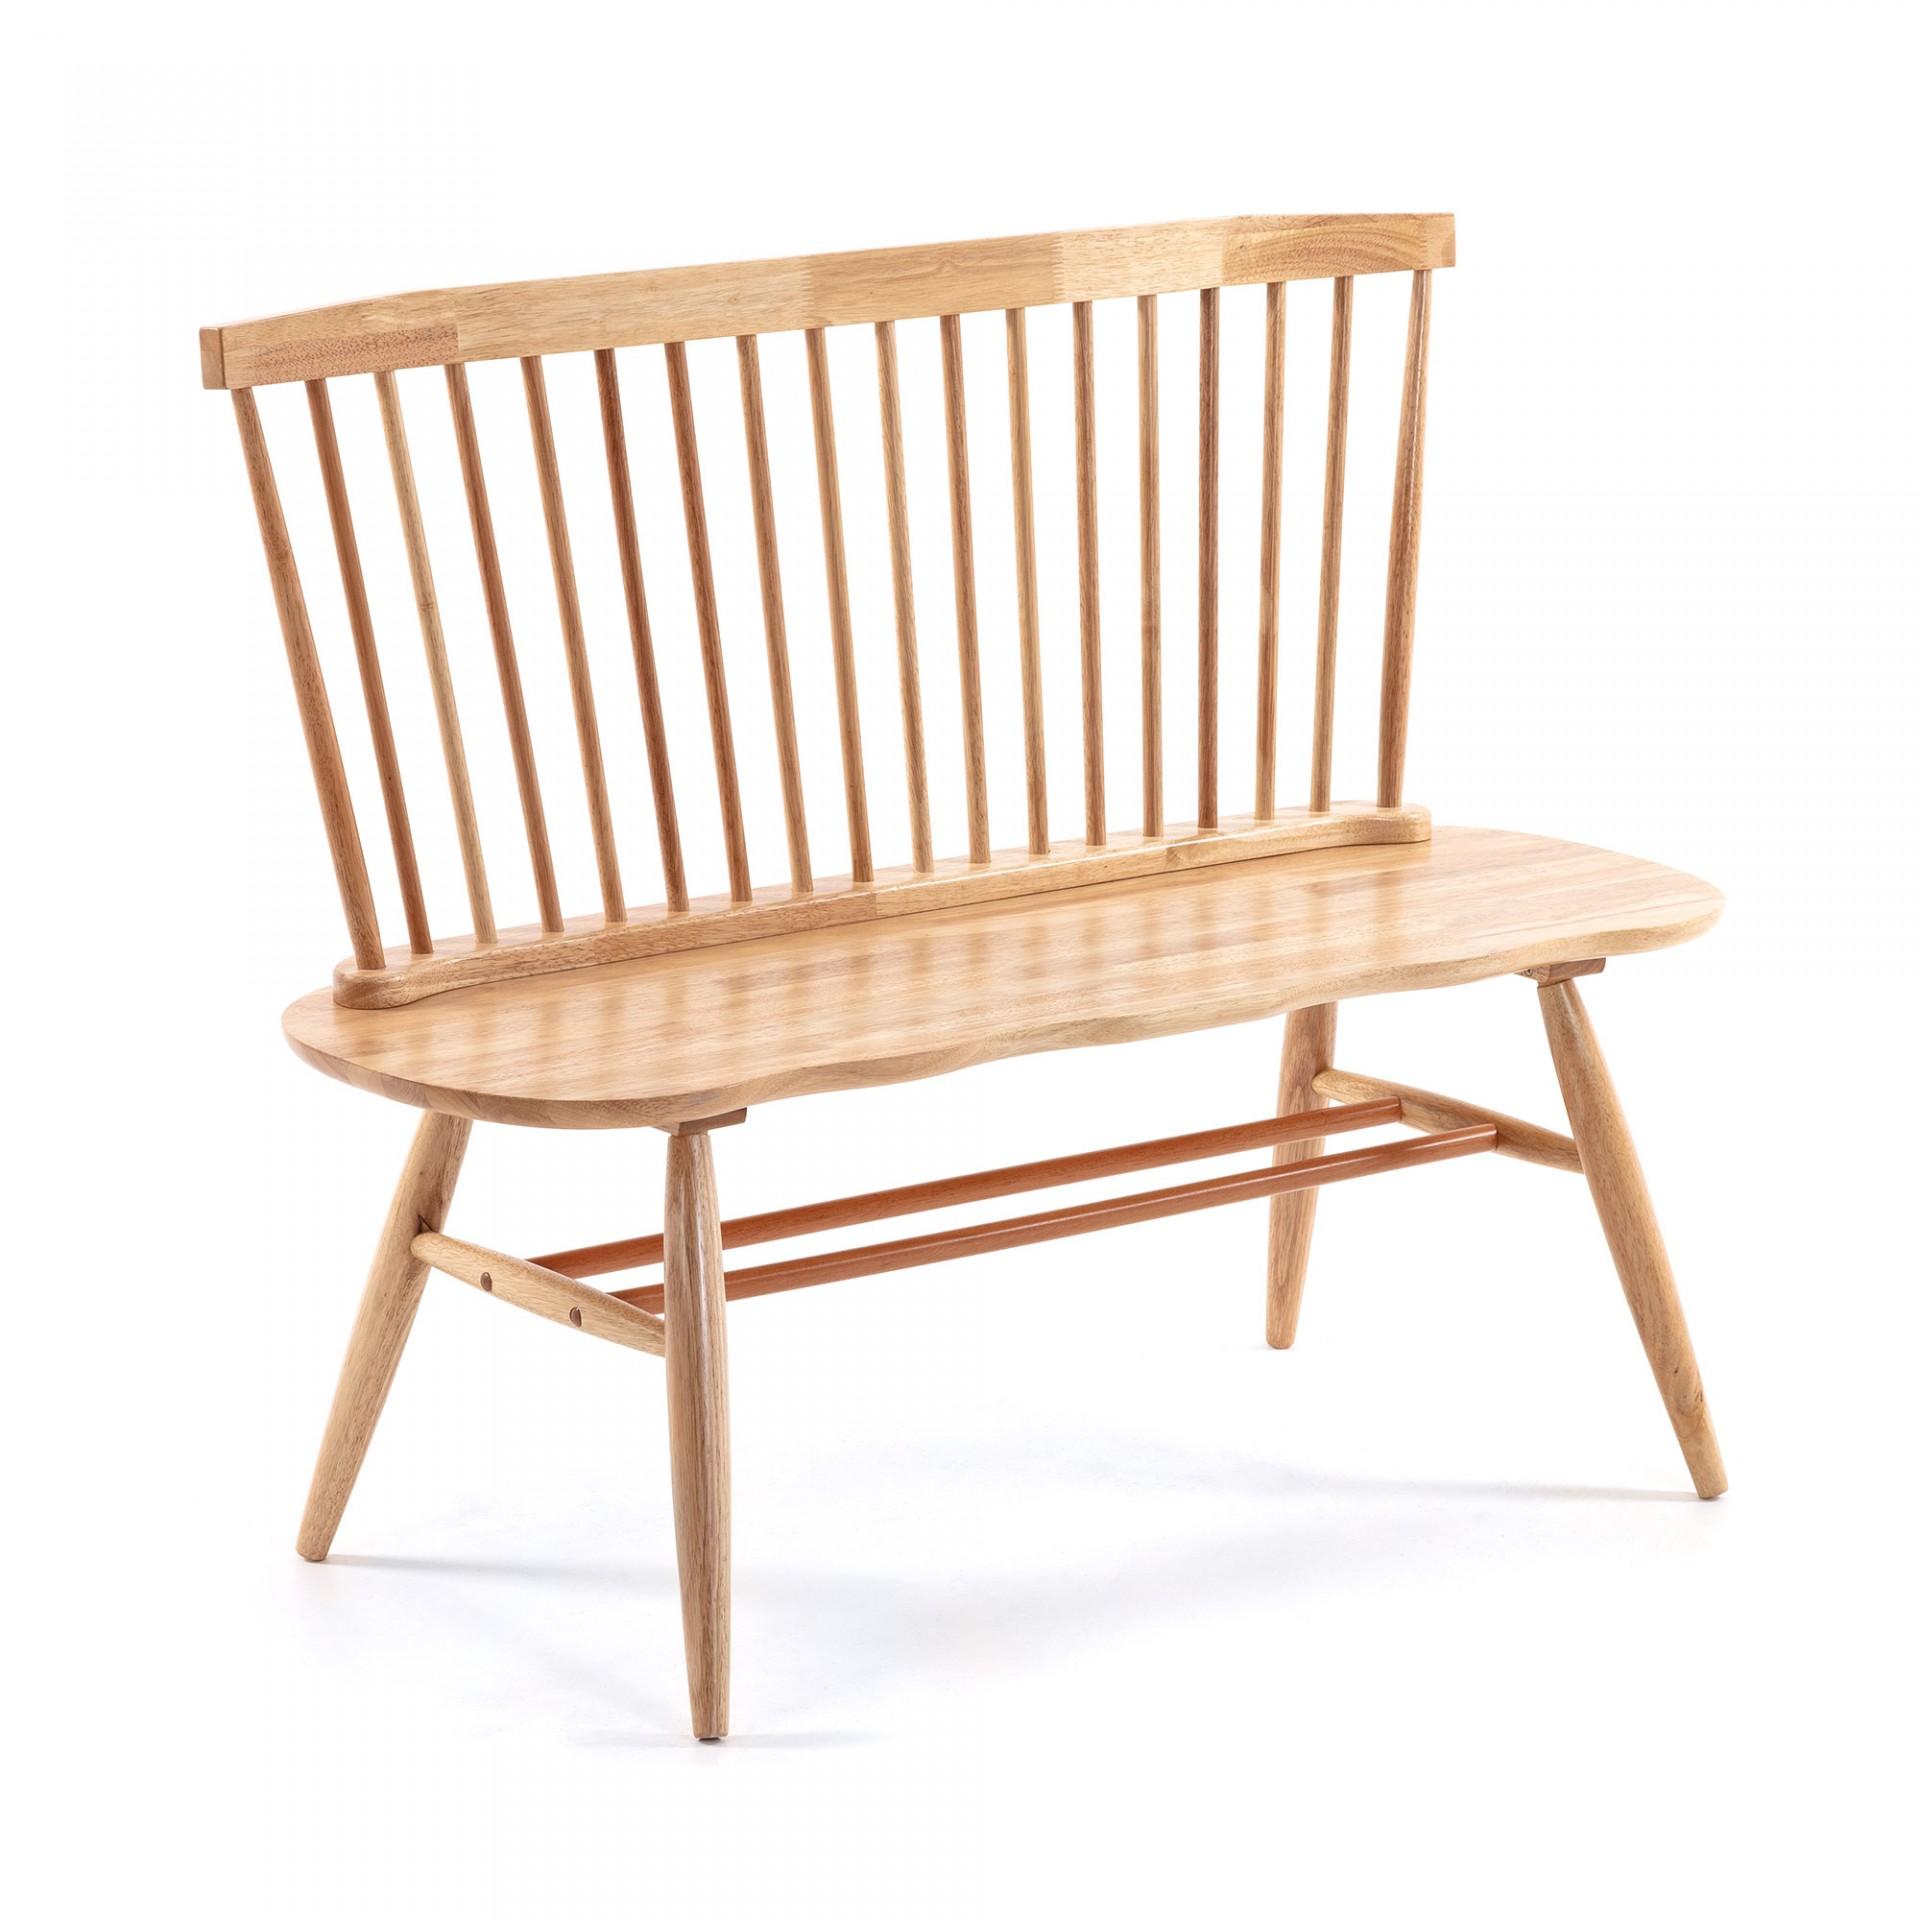 Banco Lover, madeira de seringueira, 120x95 cm